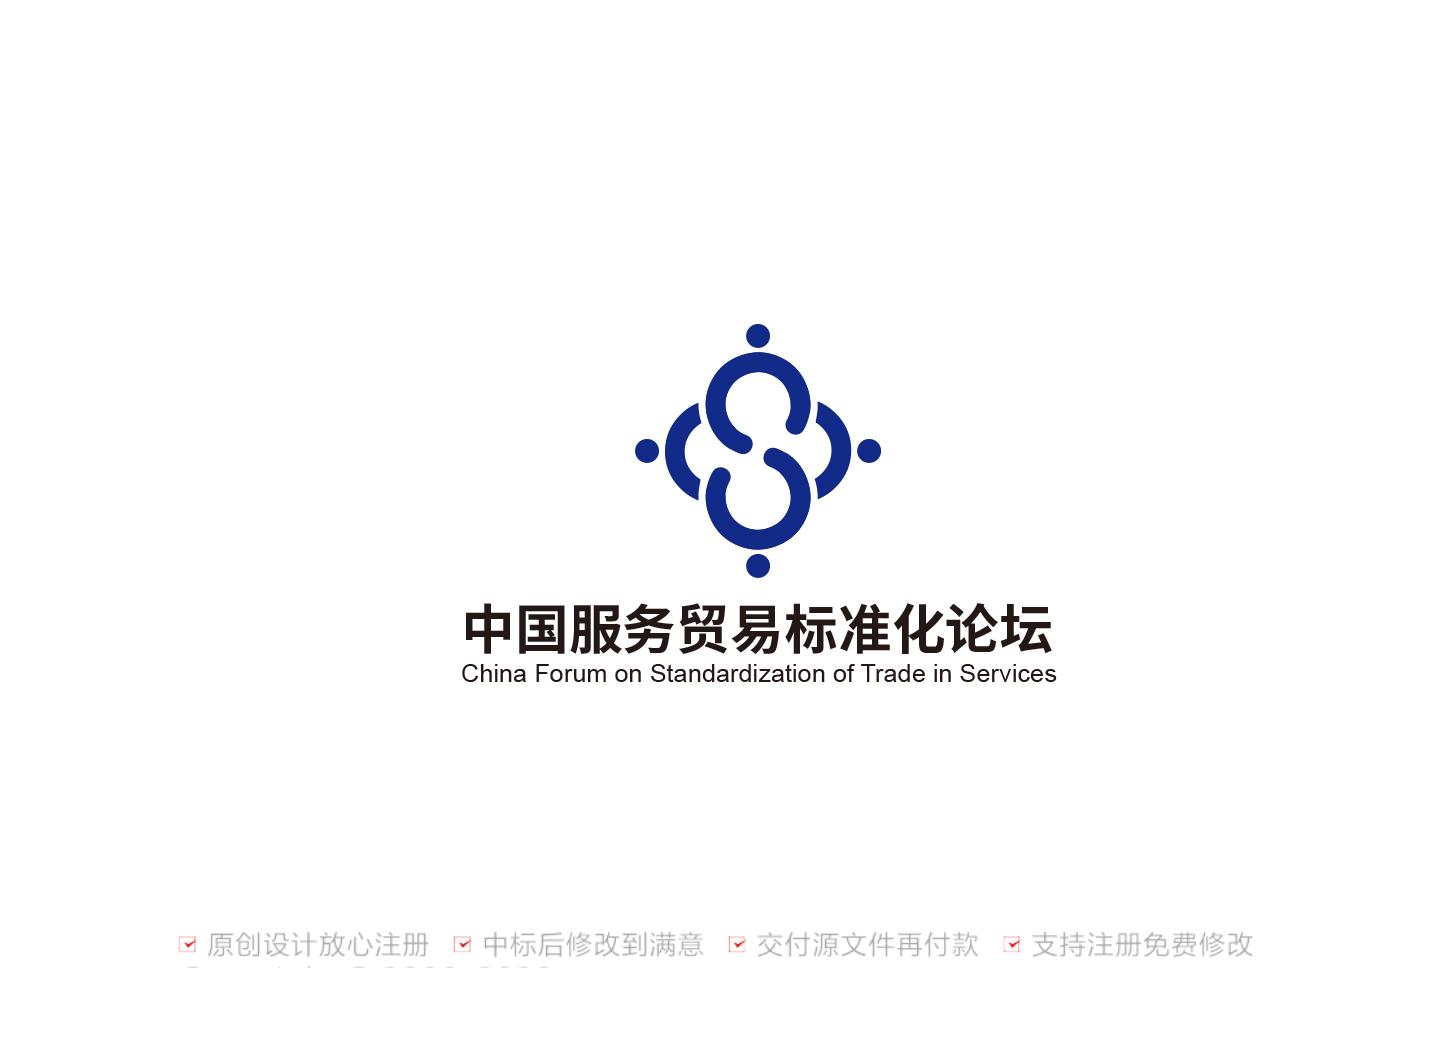 中国服务贸易标准化论坛logo征集方案_3038249_k68威客网